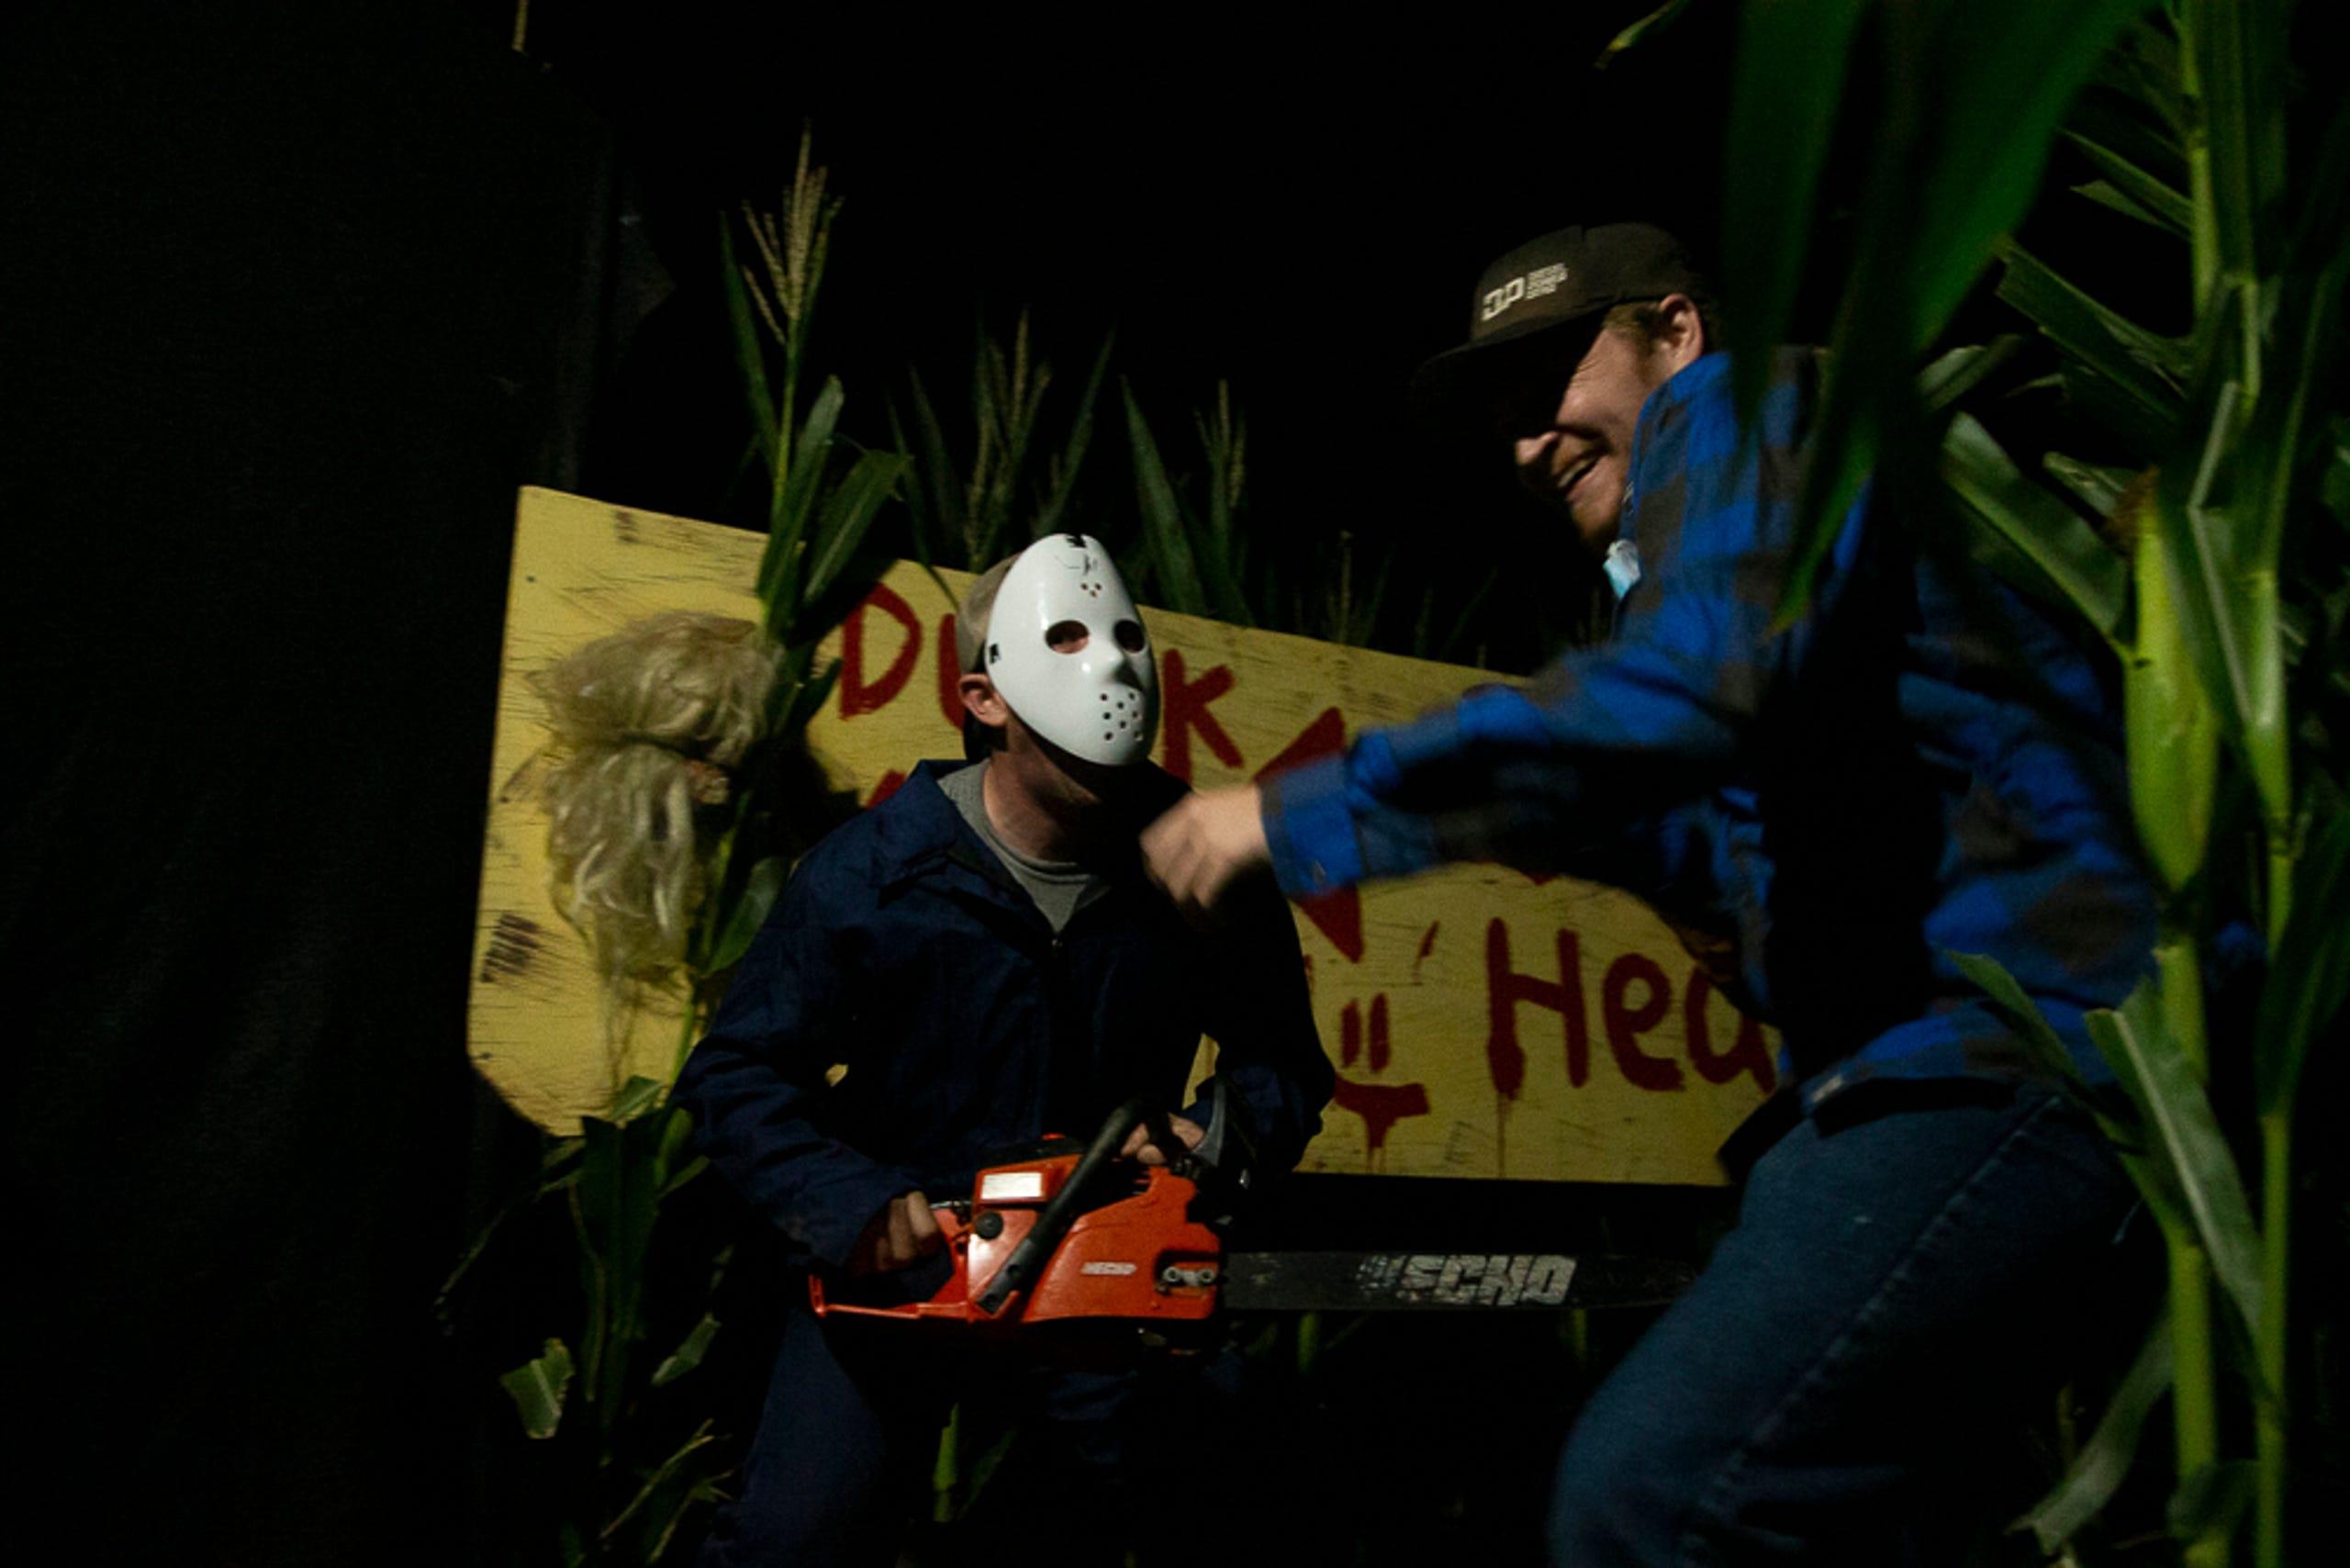 Az Halloween 2020 Halloween 2020: AZ Field of Screams haunted corn maze in Glendale